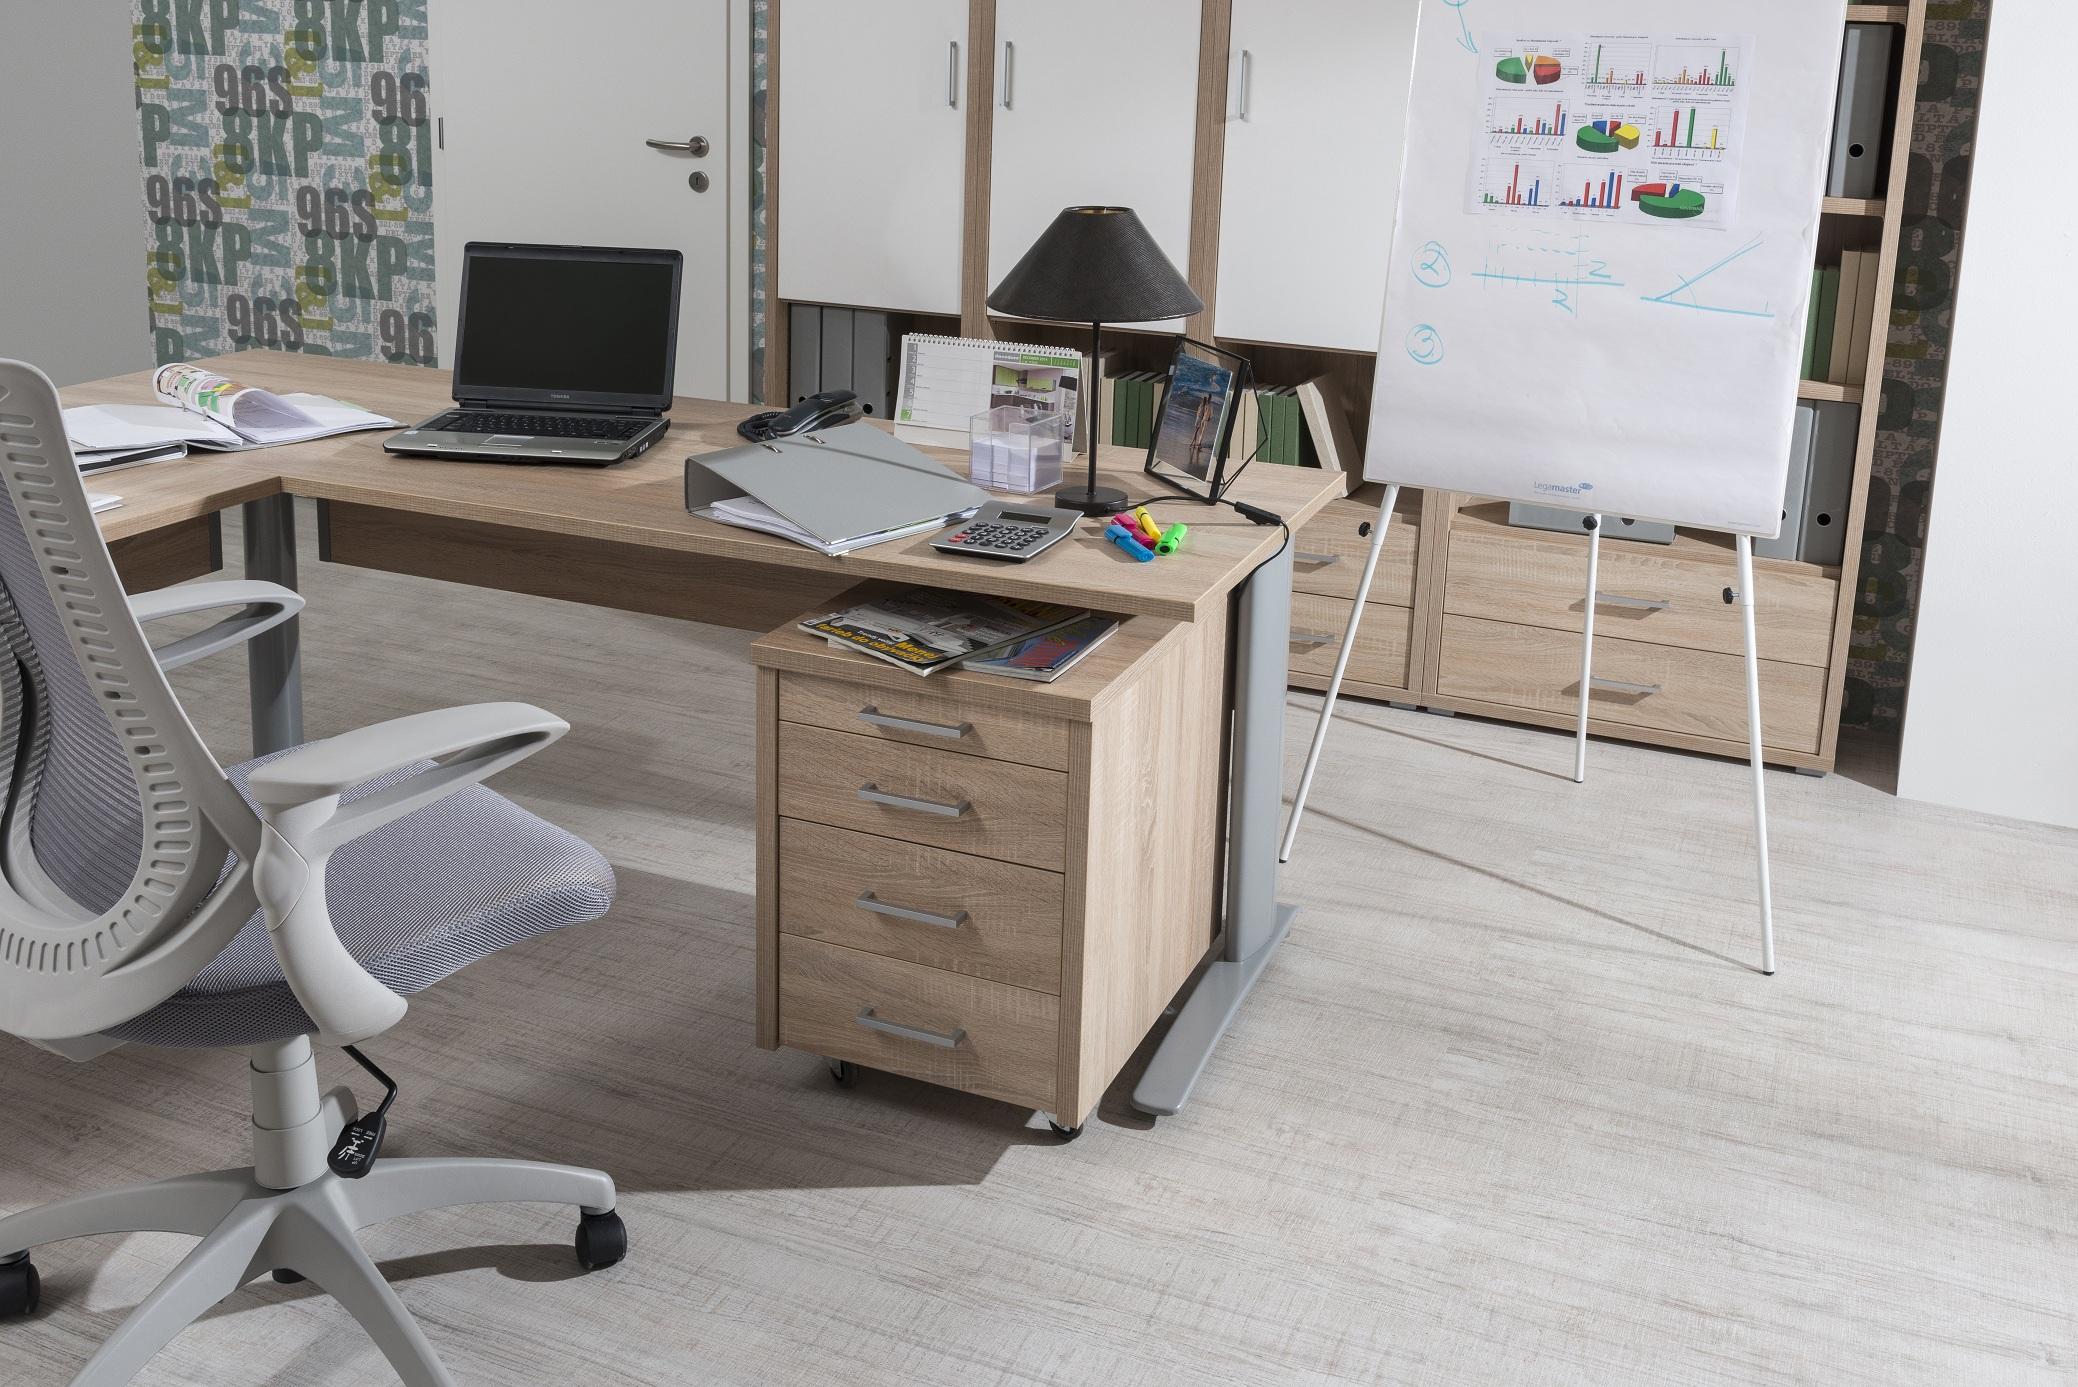 6bb31eab6 Pohodlné sedenie pôsobí nielen na váš pracovný výkon, ale aj zdravotný stav  a náladu, preto je výber kancelárskej stoličky a kresla veľmi dôležitý.